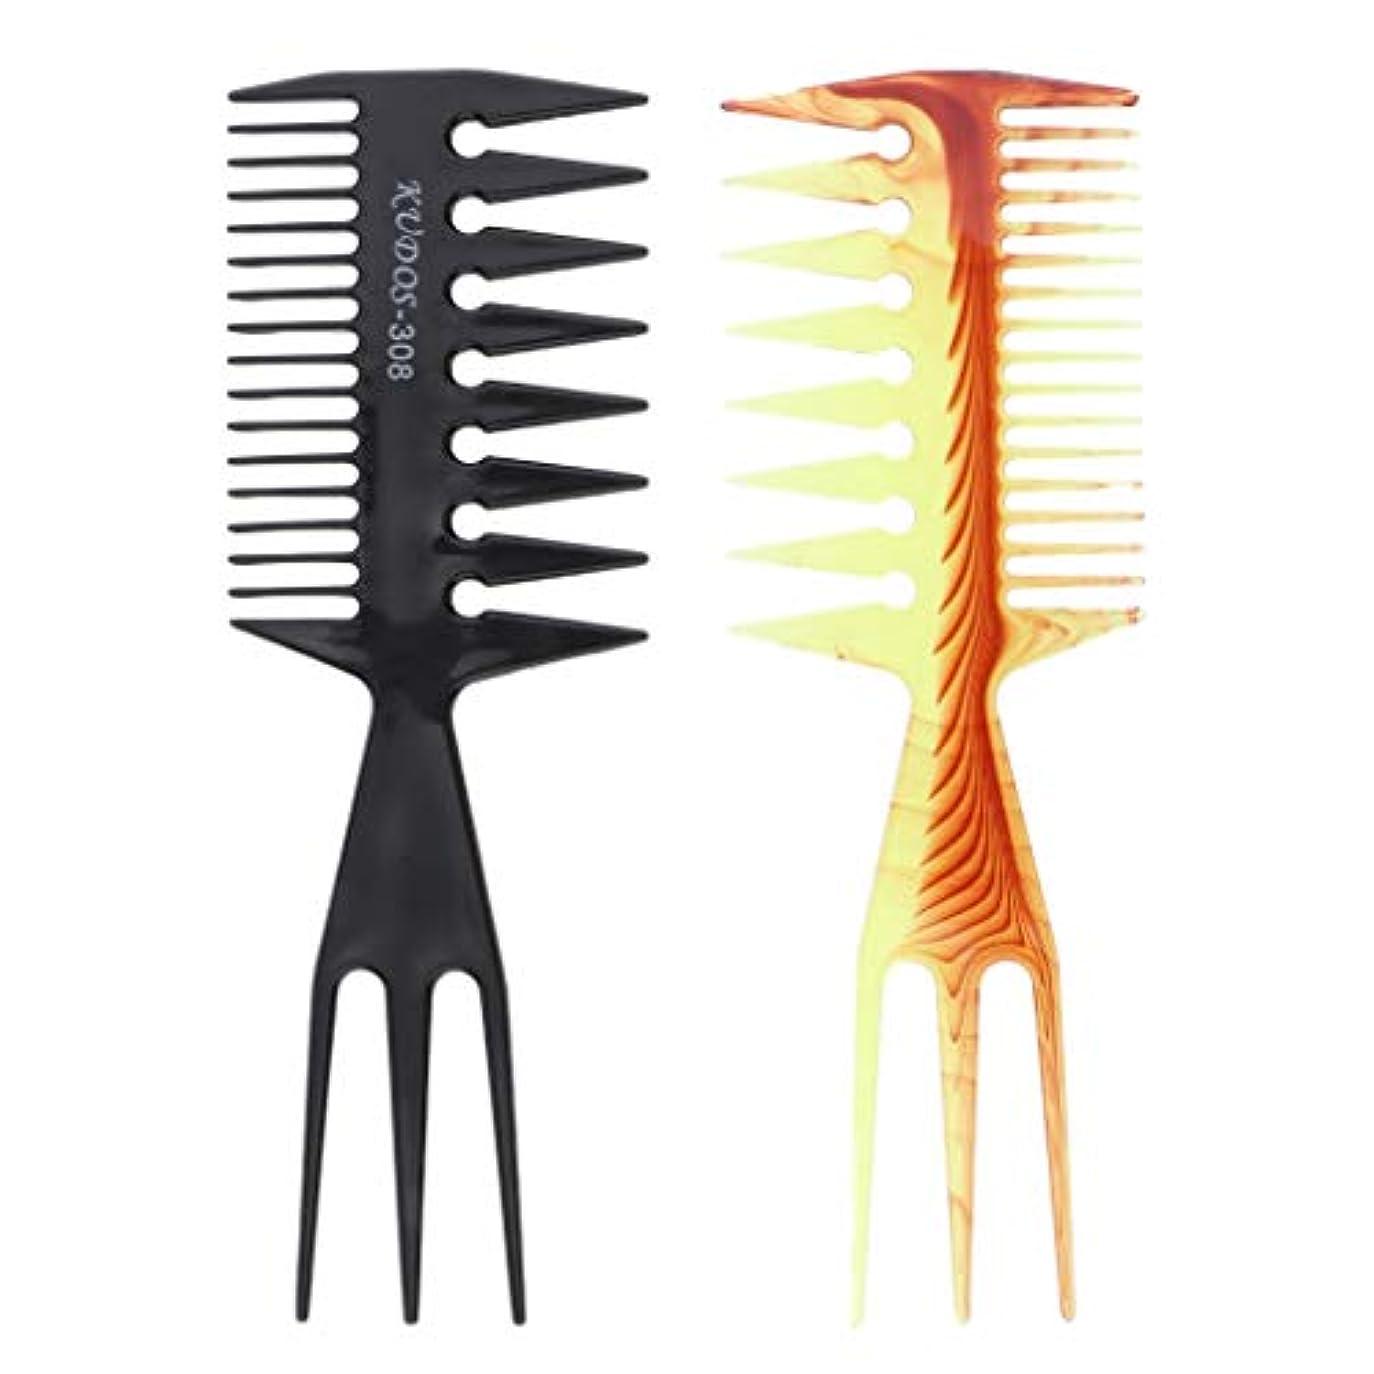 ウィスキーお金まだへアカラーセット ヘアダイブラシ DIY髪染め用 サロン 美髪師用 ヘアカラーの用具 2個セット